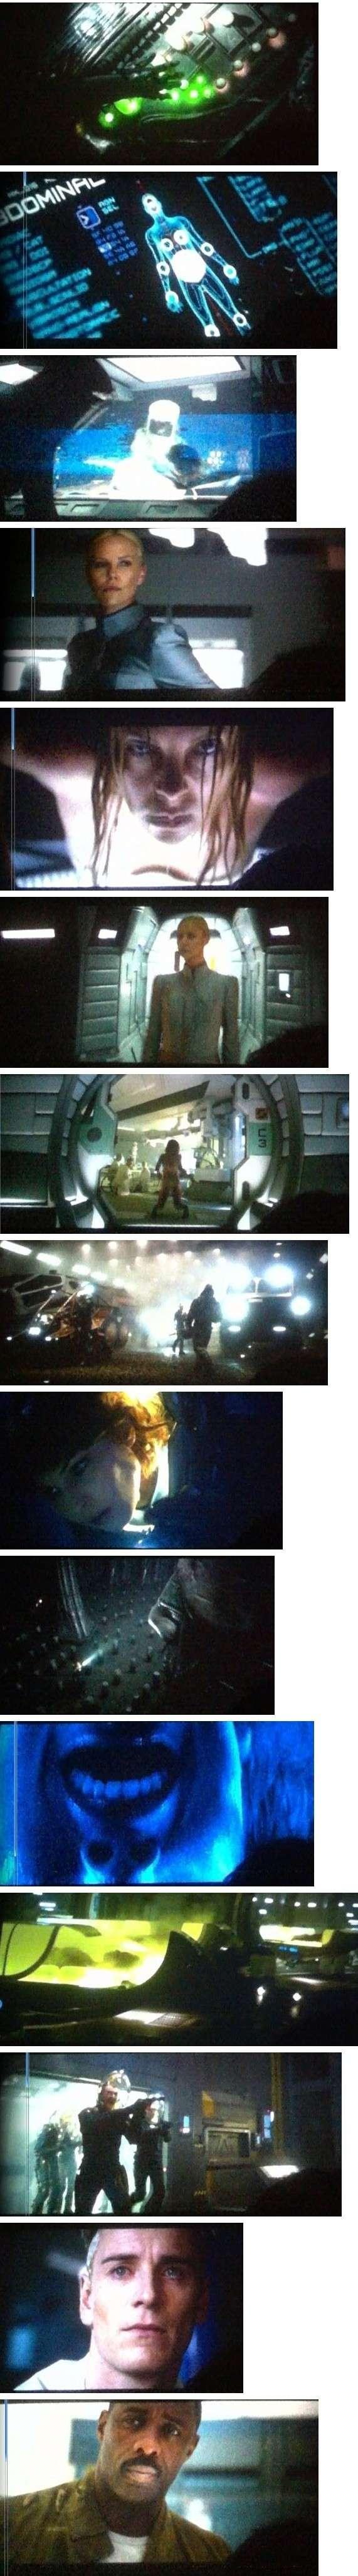 Les sorties de films Cinéma et DVD - Page 11 A210